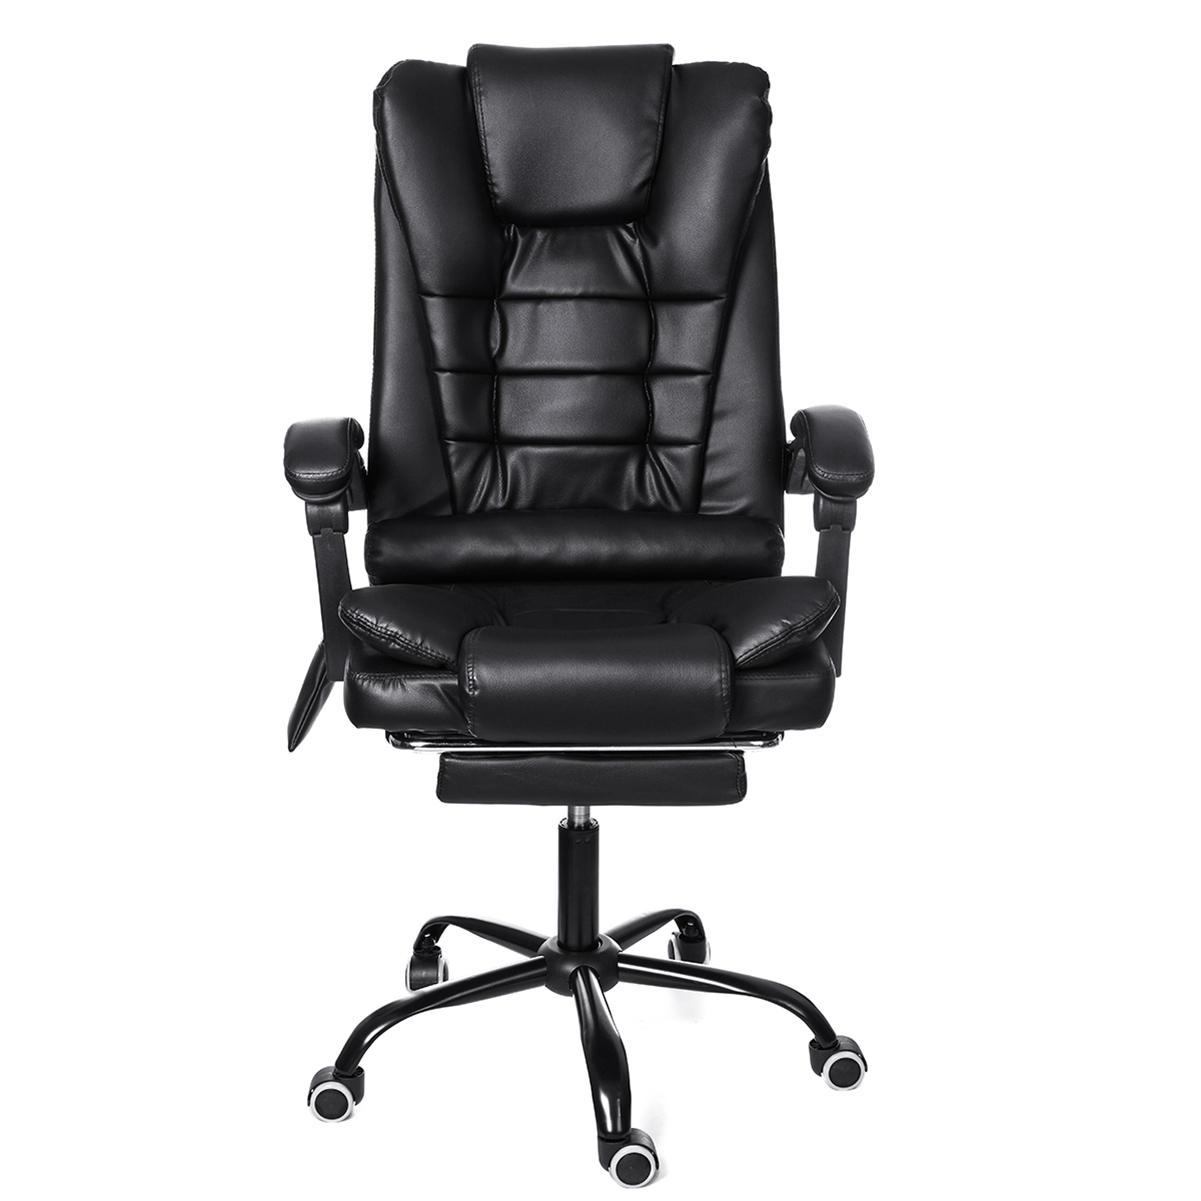 Fotel biurowy obrotowy z EU za $76.99 / ~303zł